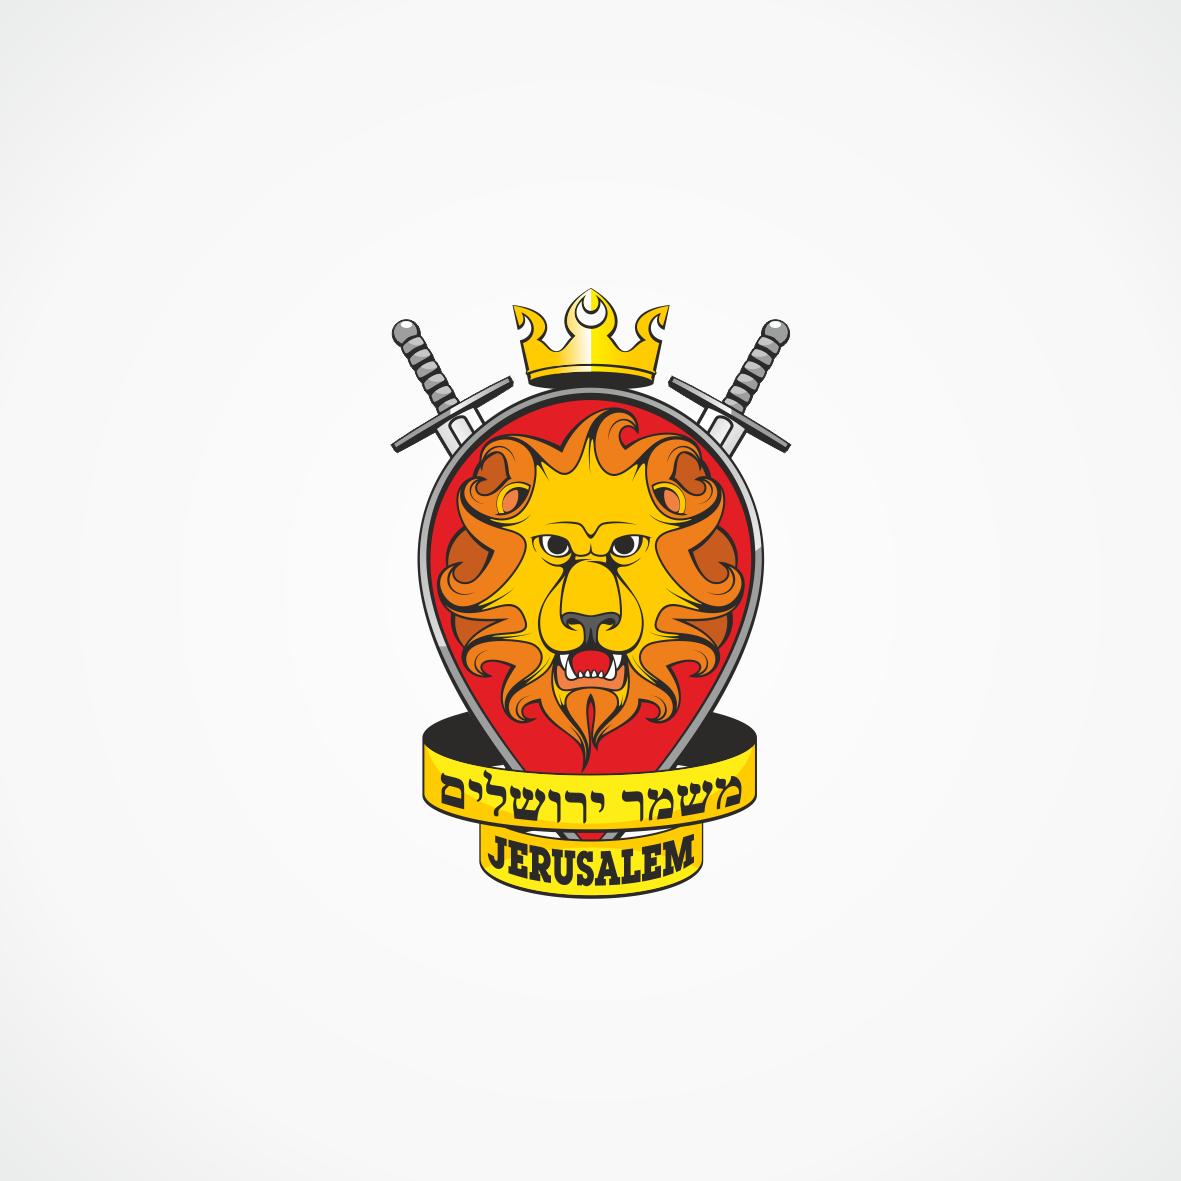 Разработка логотипа. Компания Страж Иерусалима фото f_76551fa2c5ecbe36.png